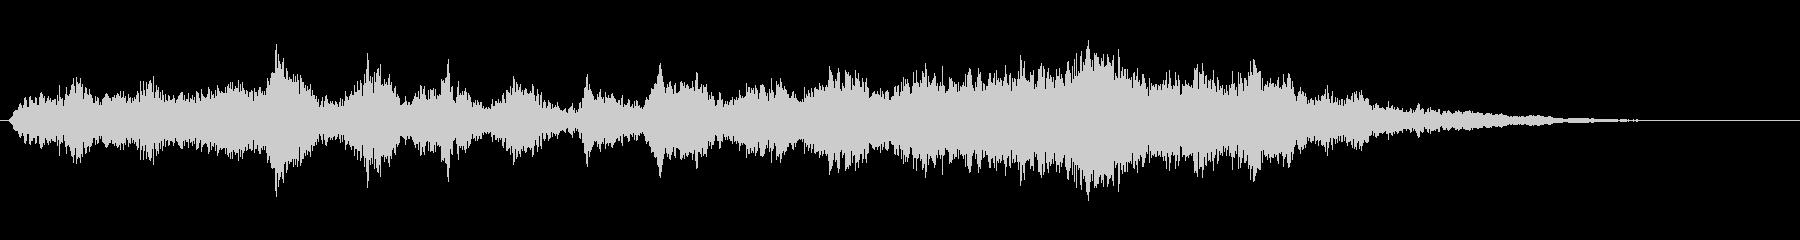 ベッドゴーストリーハウルの昇順の未再生の波形